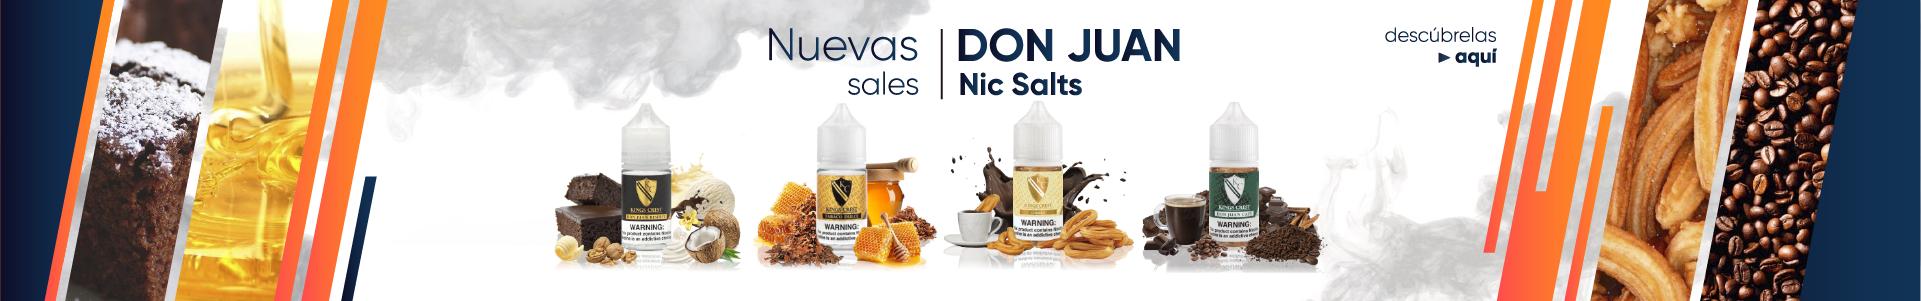 Sales Nicotina Don Juan